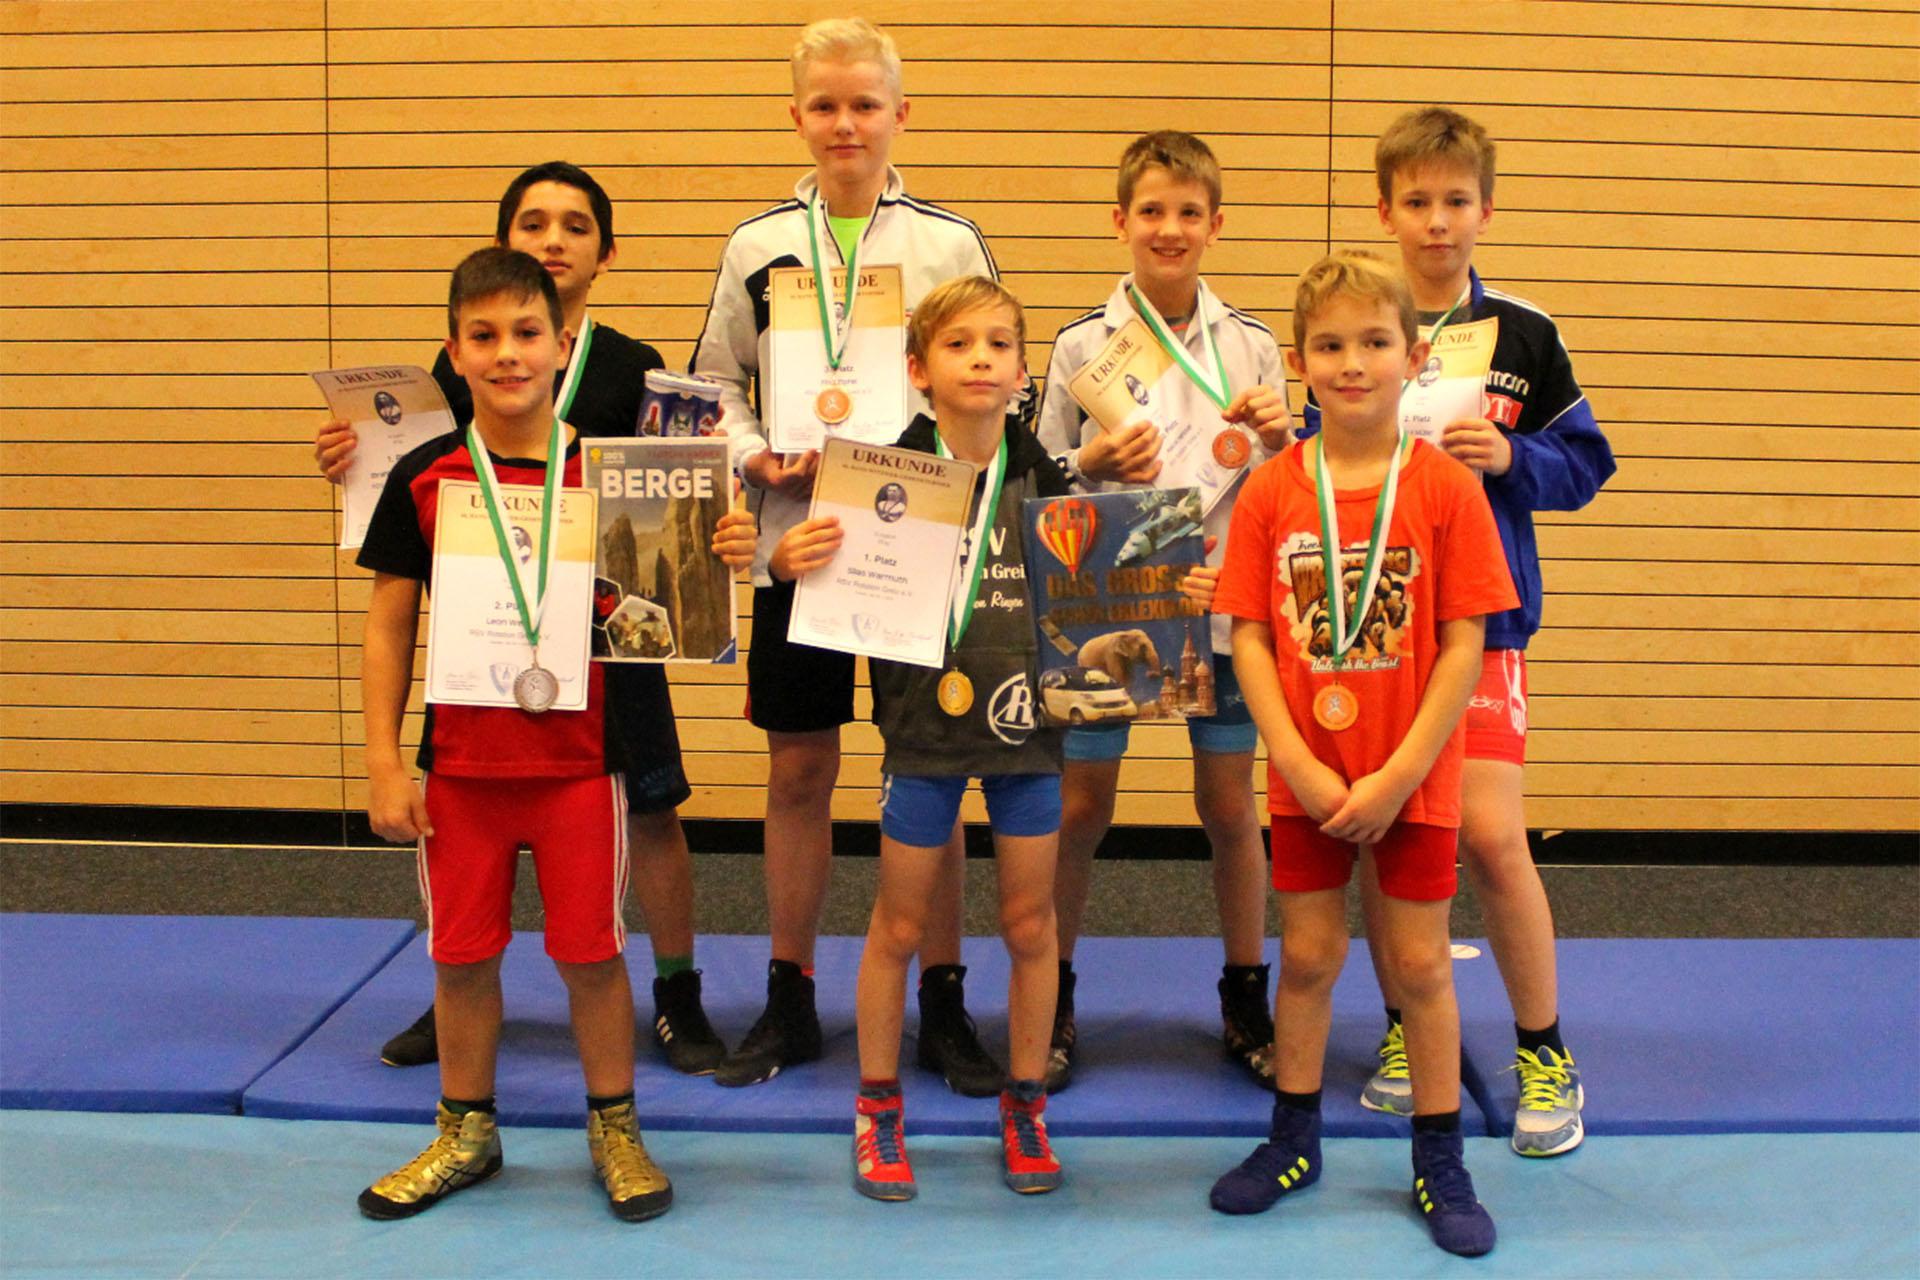 RSV Rotation Greiz: Sieben Starter erkämpfen sieben Medaillen in Dresden